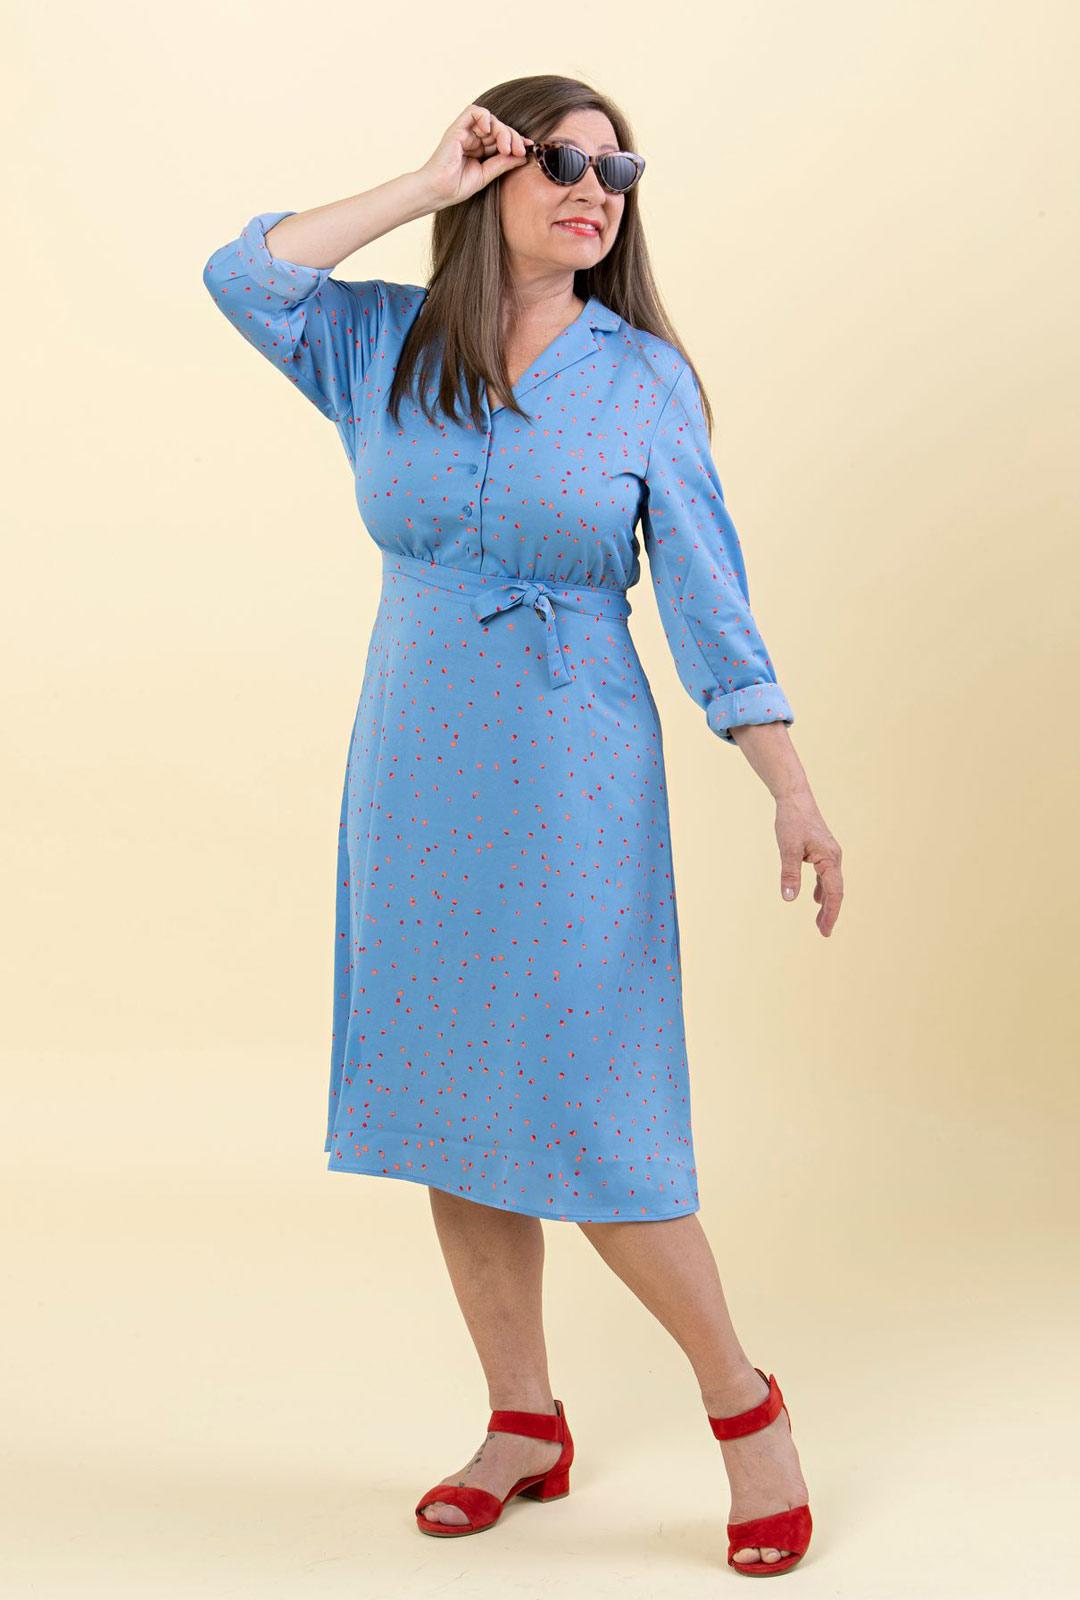 Lomalla vaatteiden pitää olla helppoja ja huolettomia. Paitamekko on juuri sitä. Sen materiaali on rypistymätöntä polyesteria, joka kuivuu pesun jälkeen nopeasti.